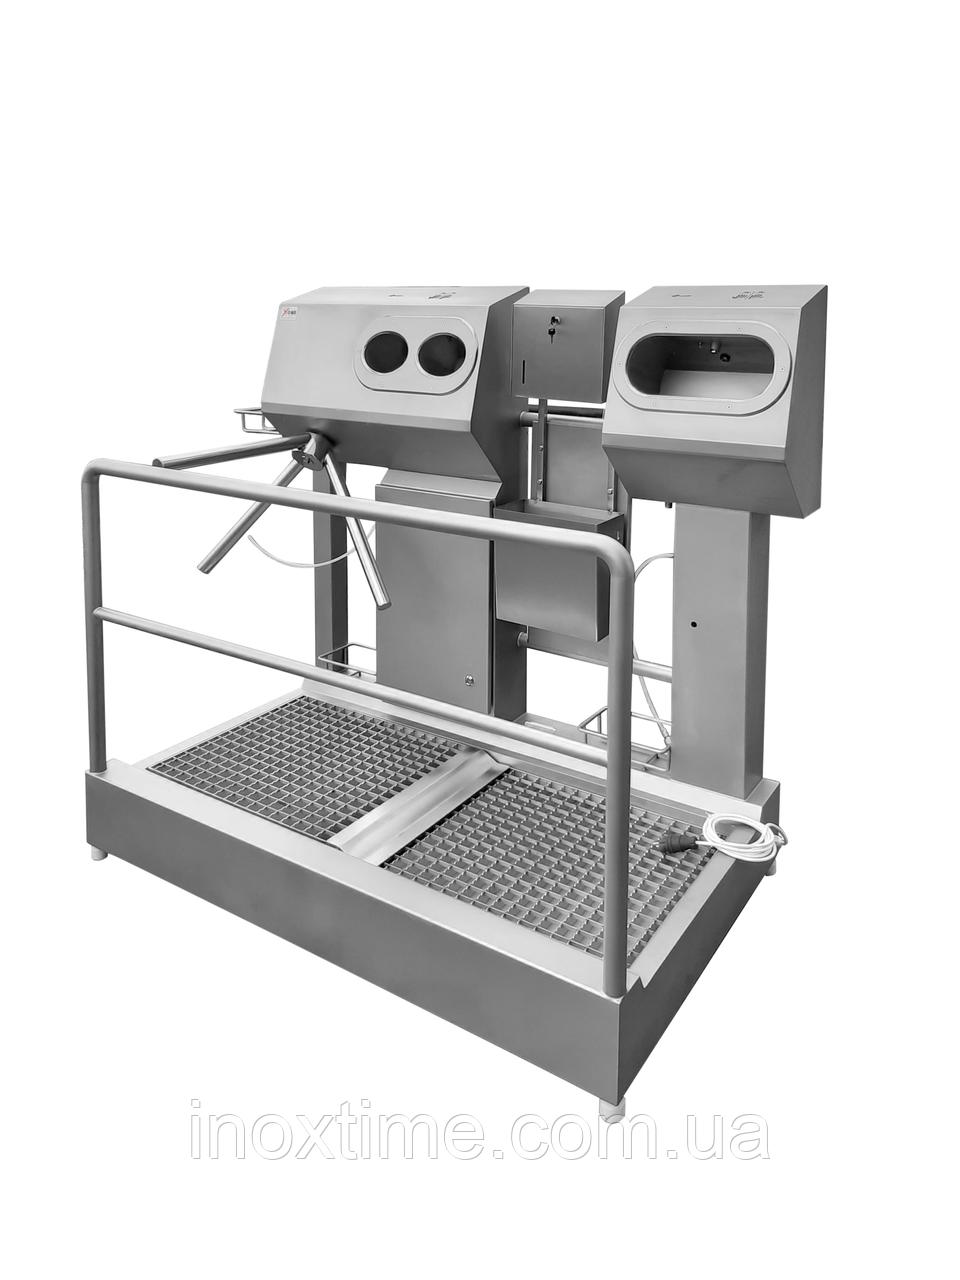 Санпропускник з вбудованим безконтактним умивальником і сушкою для рук SPG 1110 D R